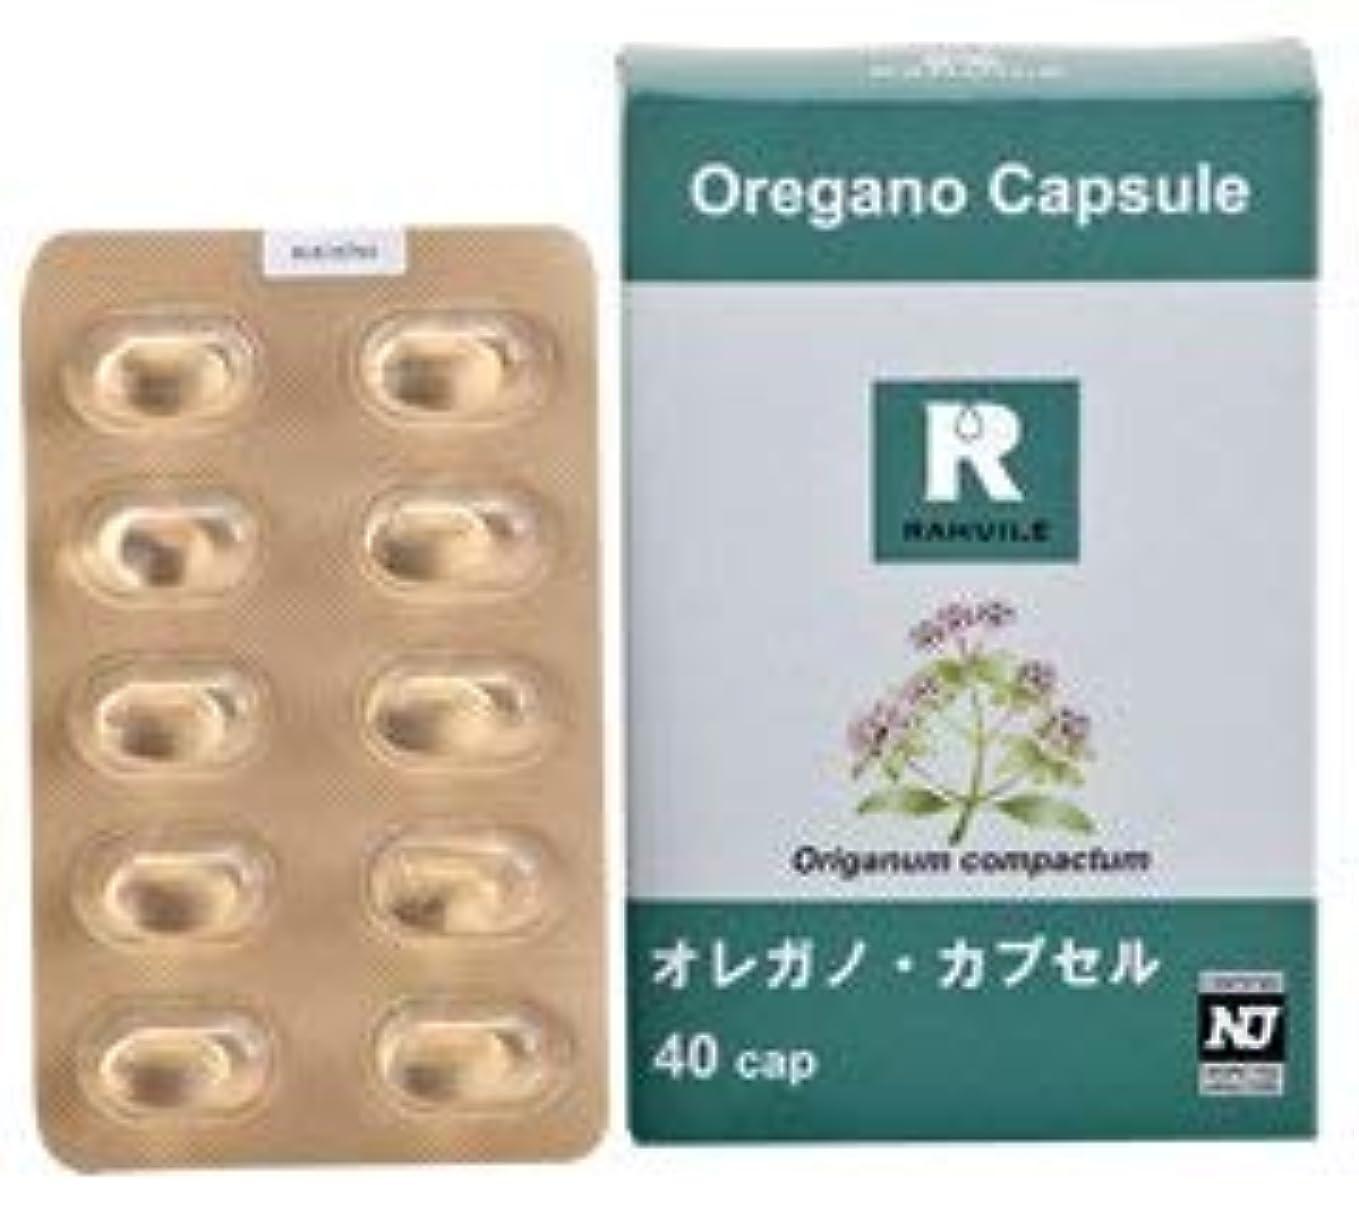 研究所可動式ひどくラフューレ ( RAHUILE ) カプセルサプリメント オレガノ?アロマカプセル 40粒 cap001